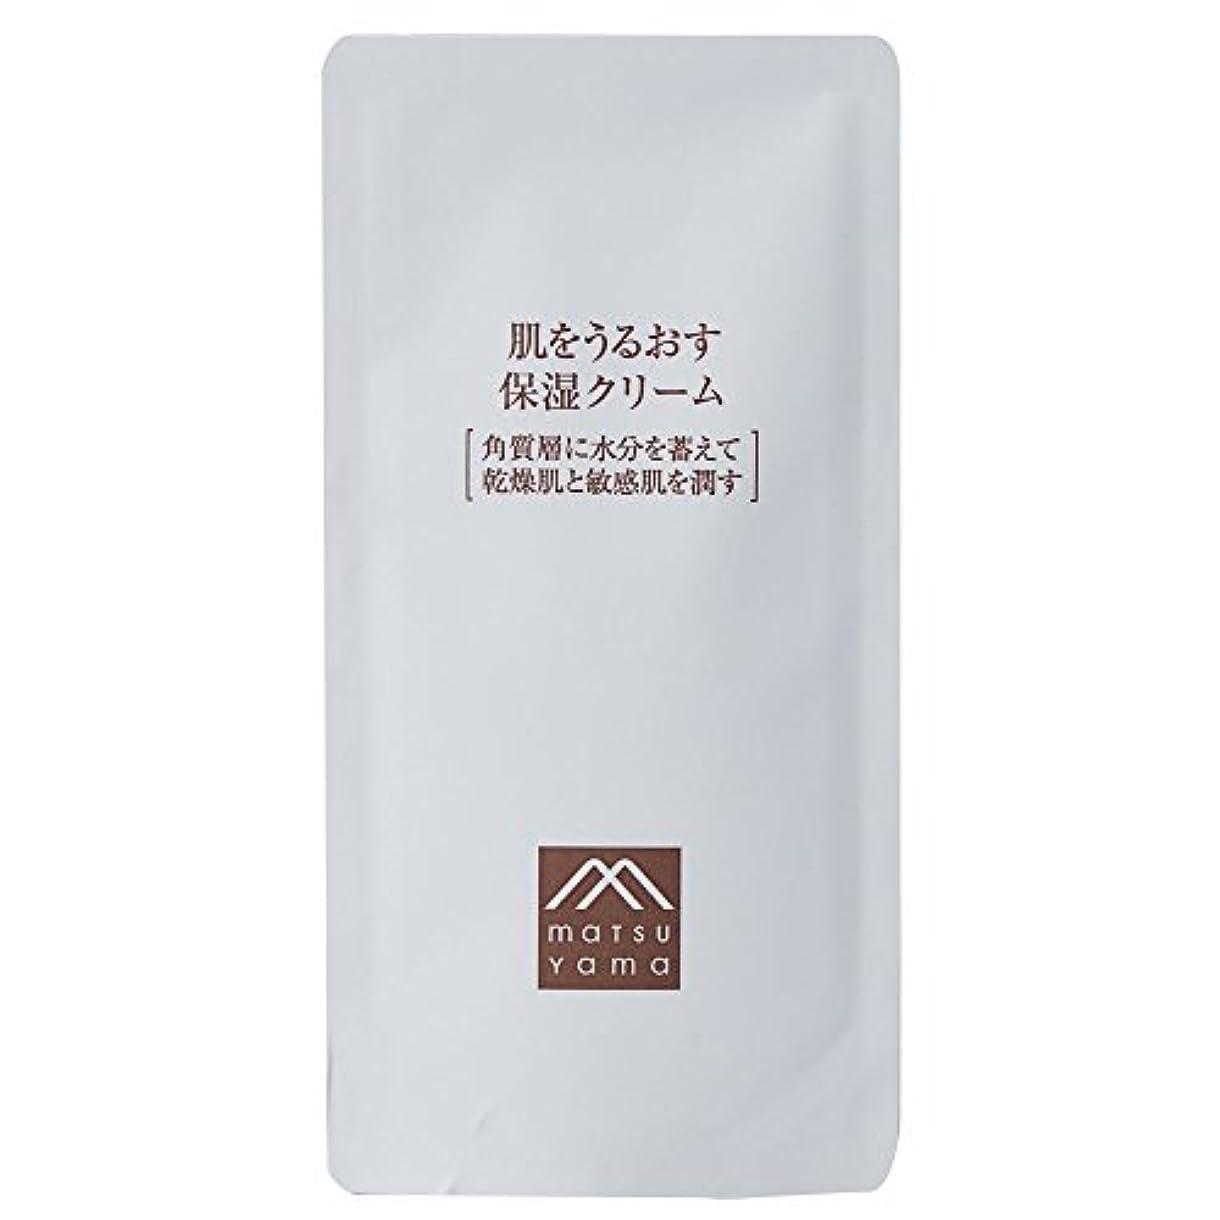 額裁量劇的肌をうるおす保湿クリーム 詰替用(クリーム) 濃厚クリーム [乾燥肌 敏感肌]